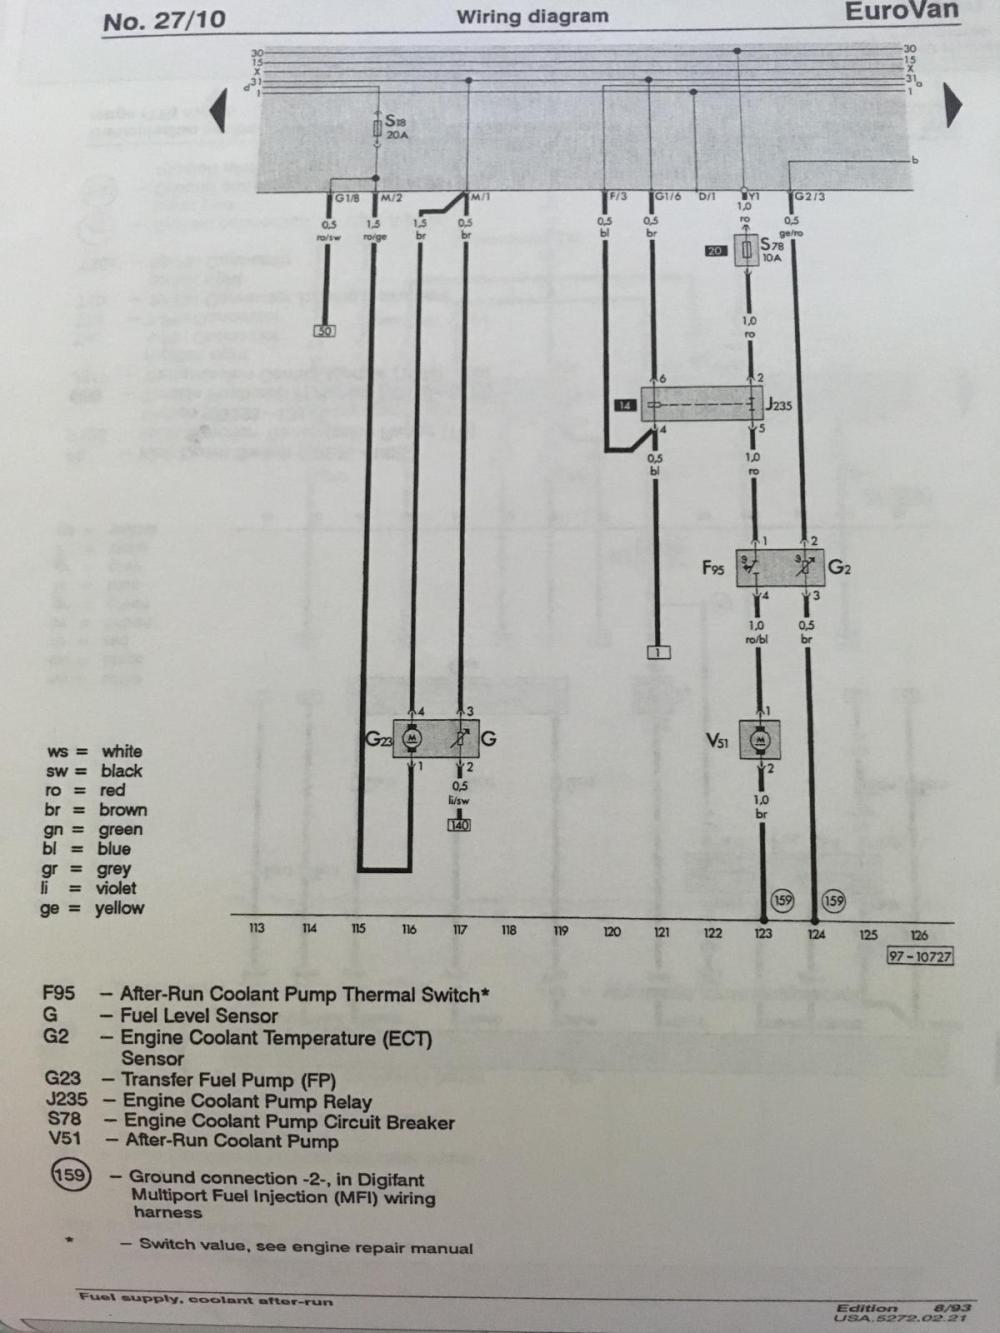 medium resolution of eurovan engine diagram wiring diagram centrethesamba com gallery 93 eurovan after run coolant pump wiring93 eurovan